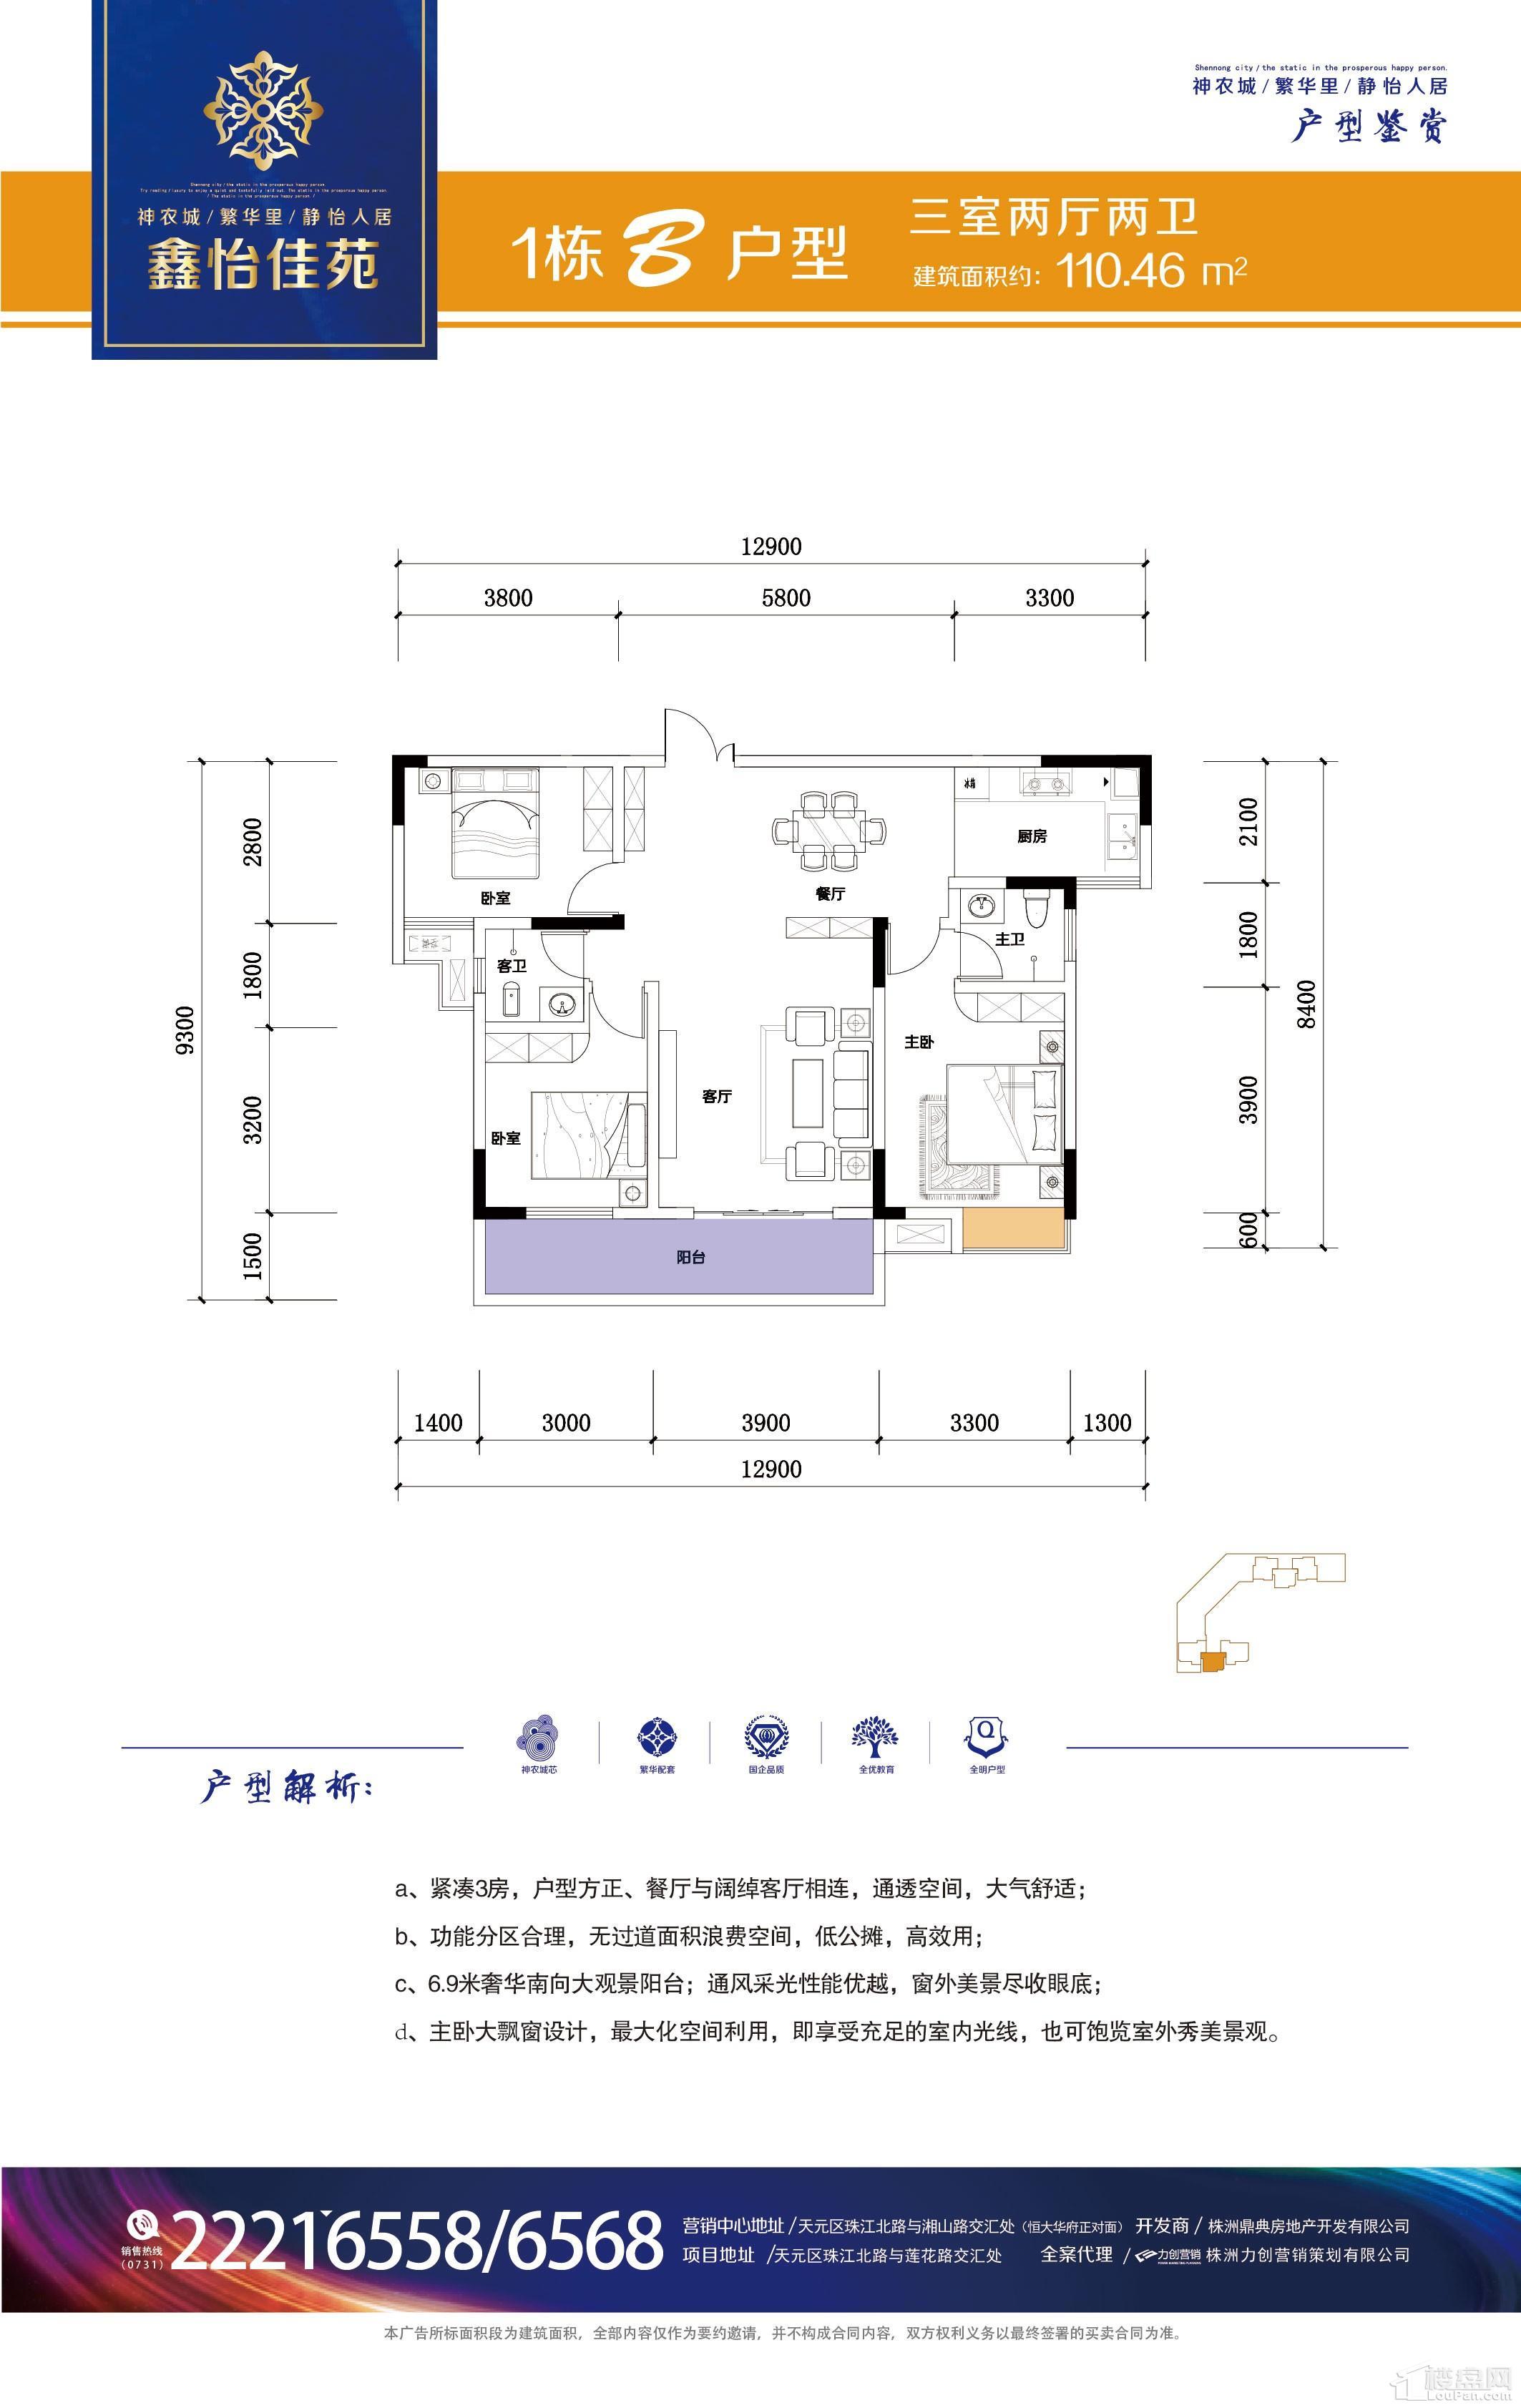 鼎典房产鑫怡佳苑户型图